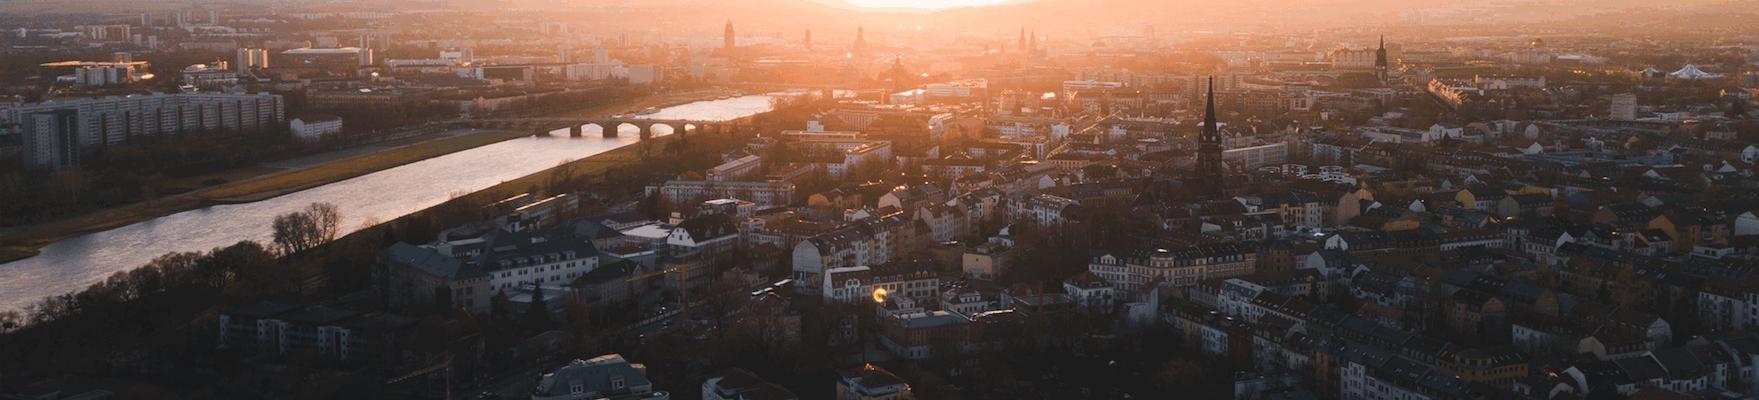 Lustige Stadtrundfahrt in sächischer Mundart Dresden  17.11.